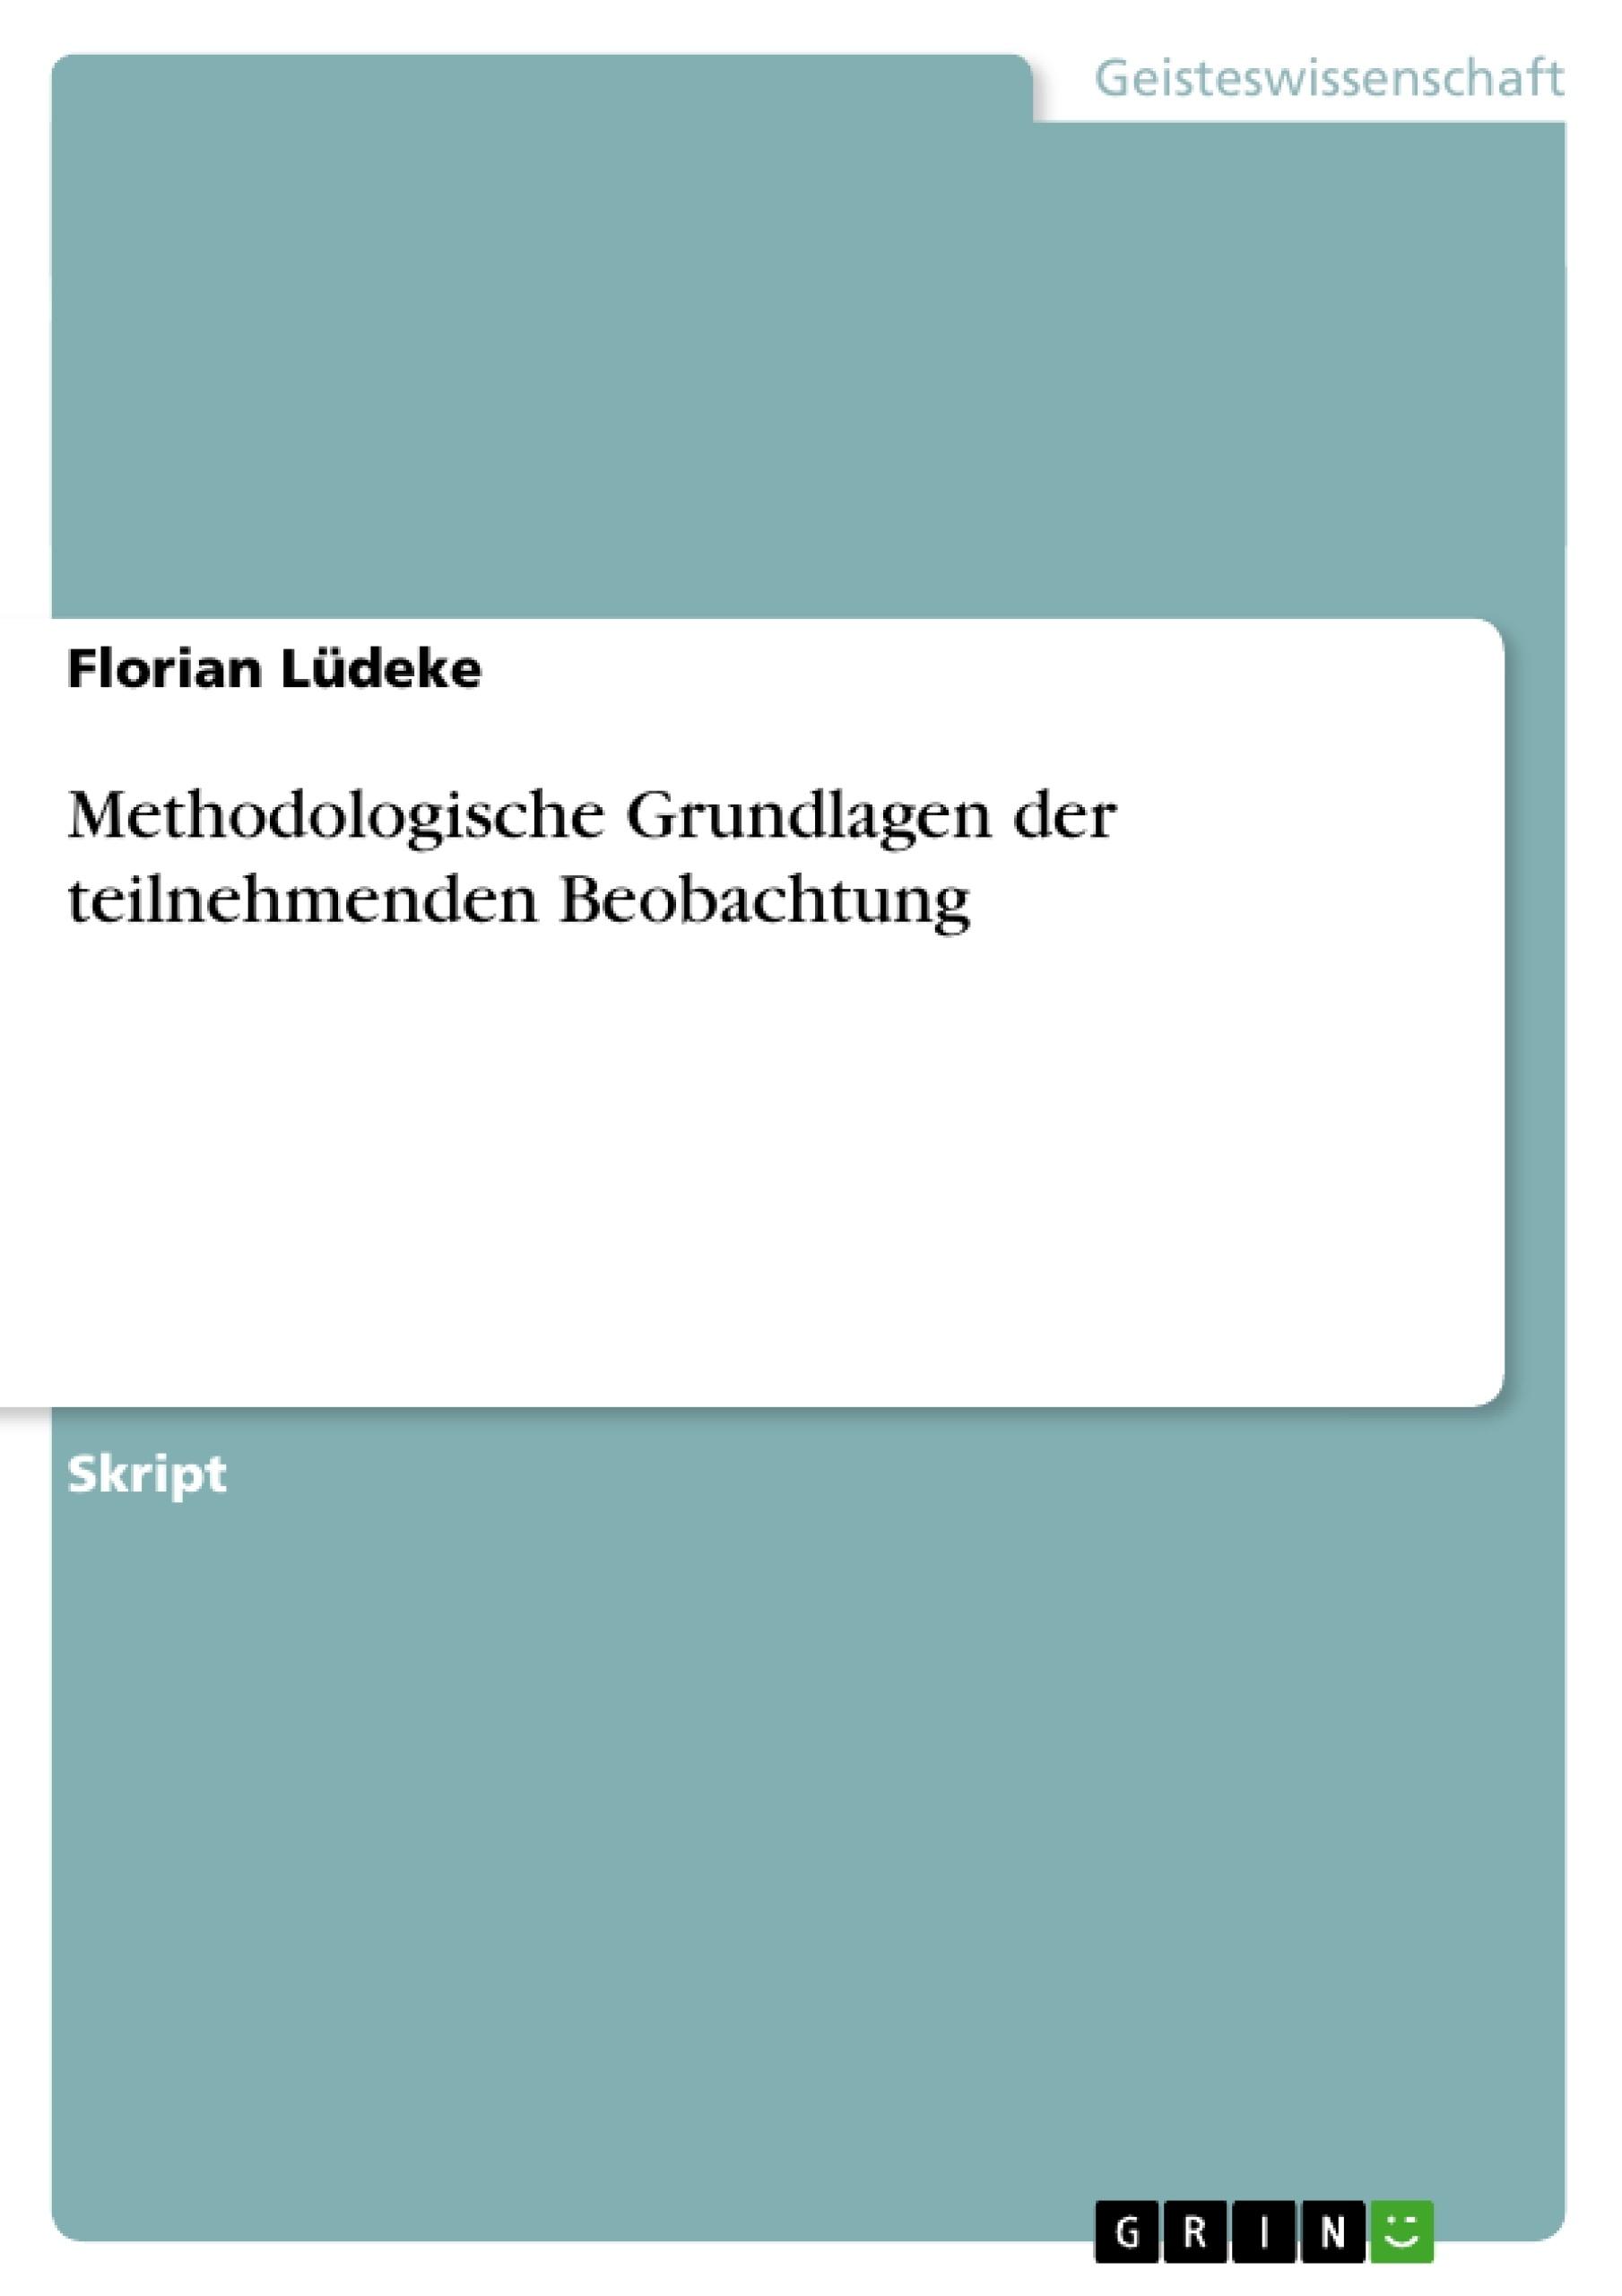 Titel: Methodologische Grundlagen der teilnehmenden Beobachtung